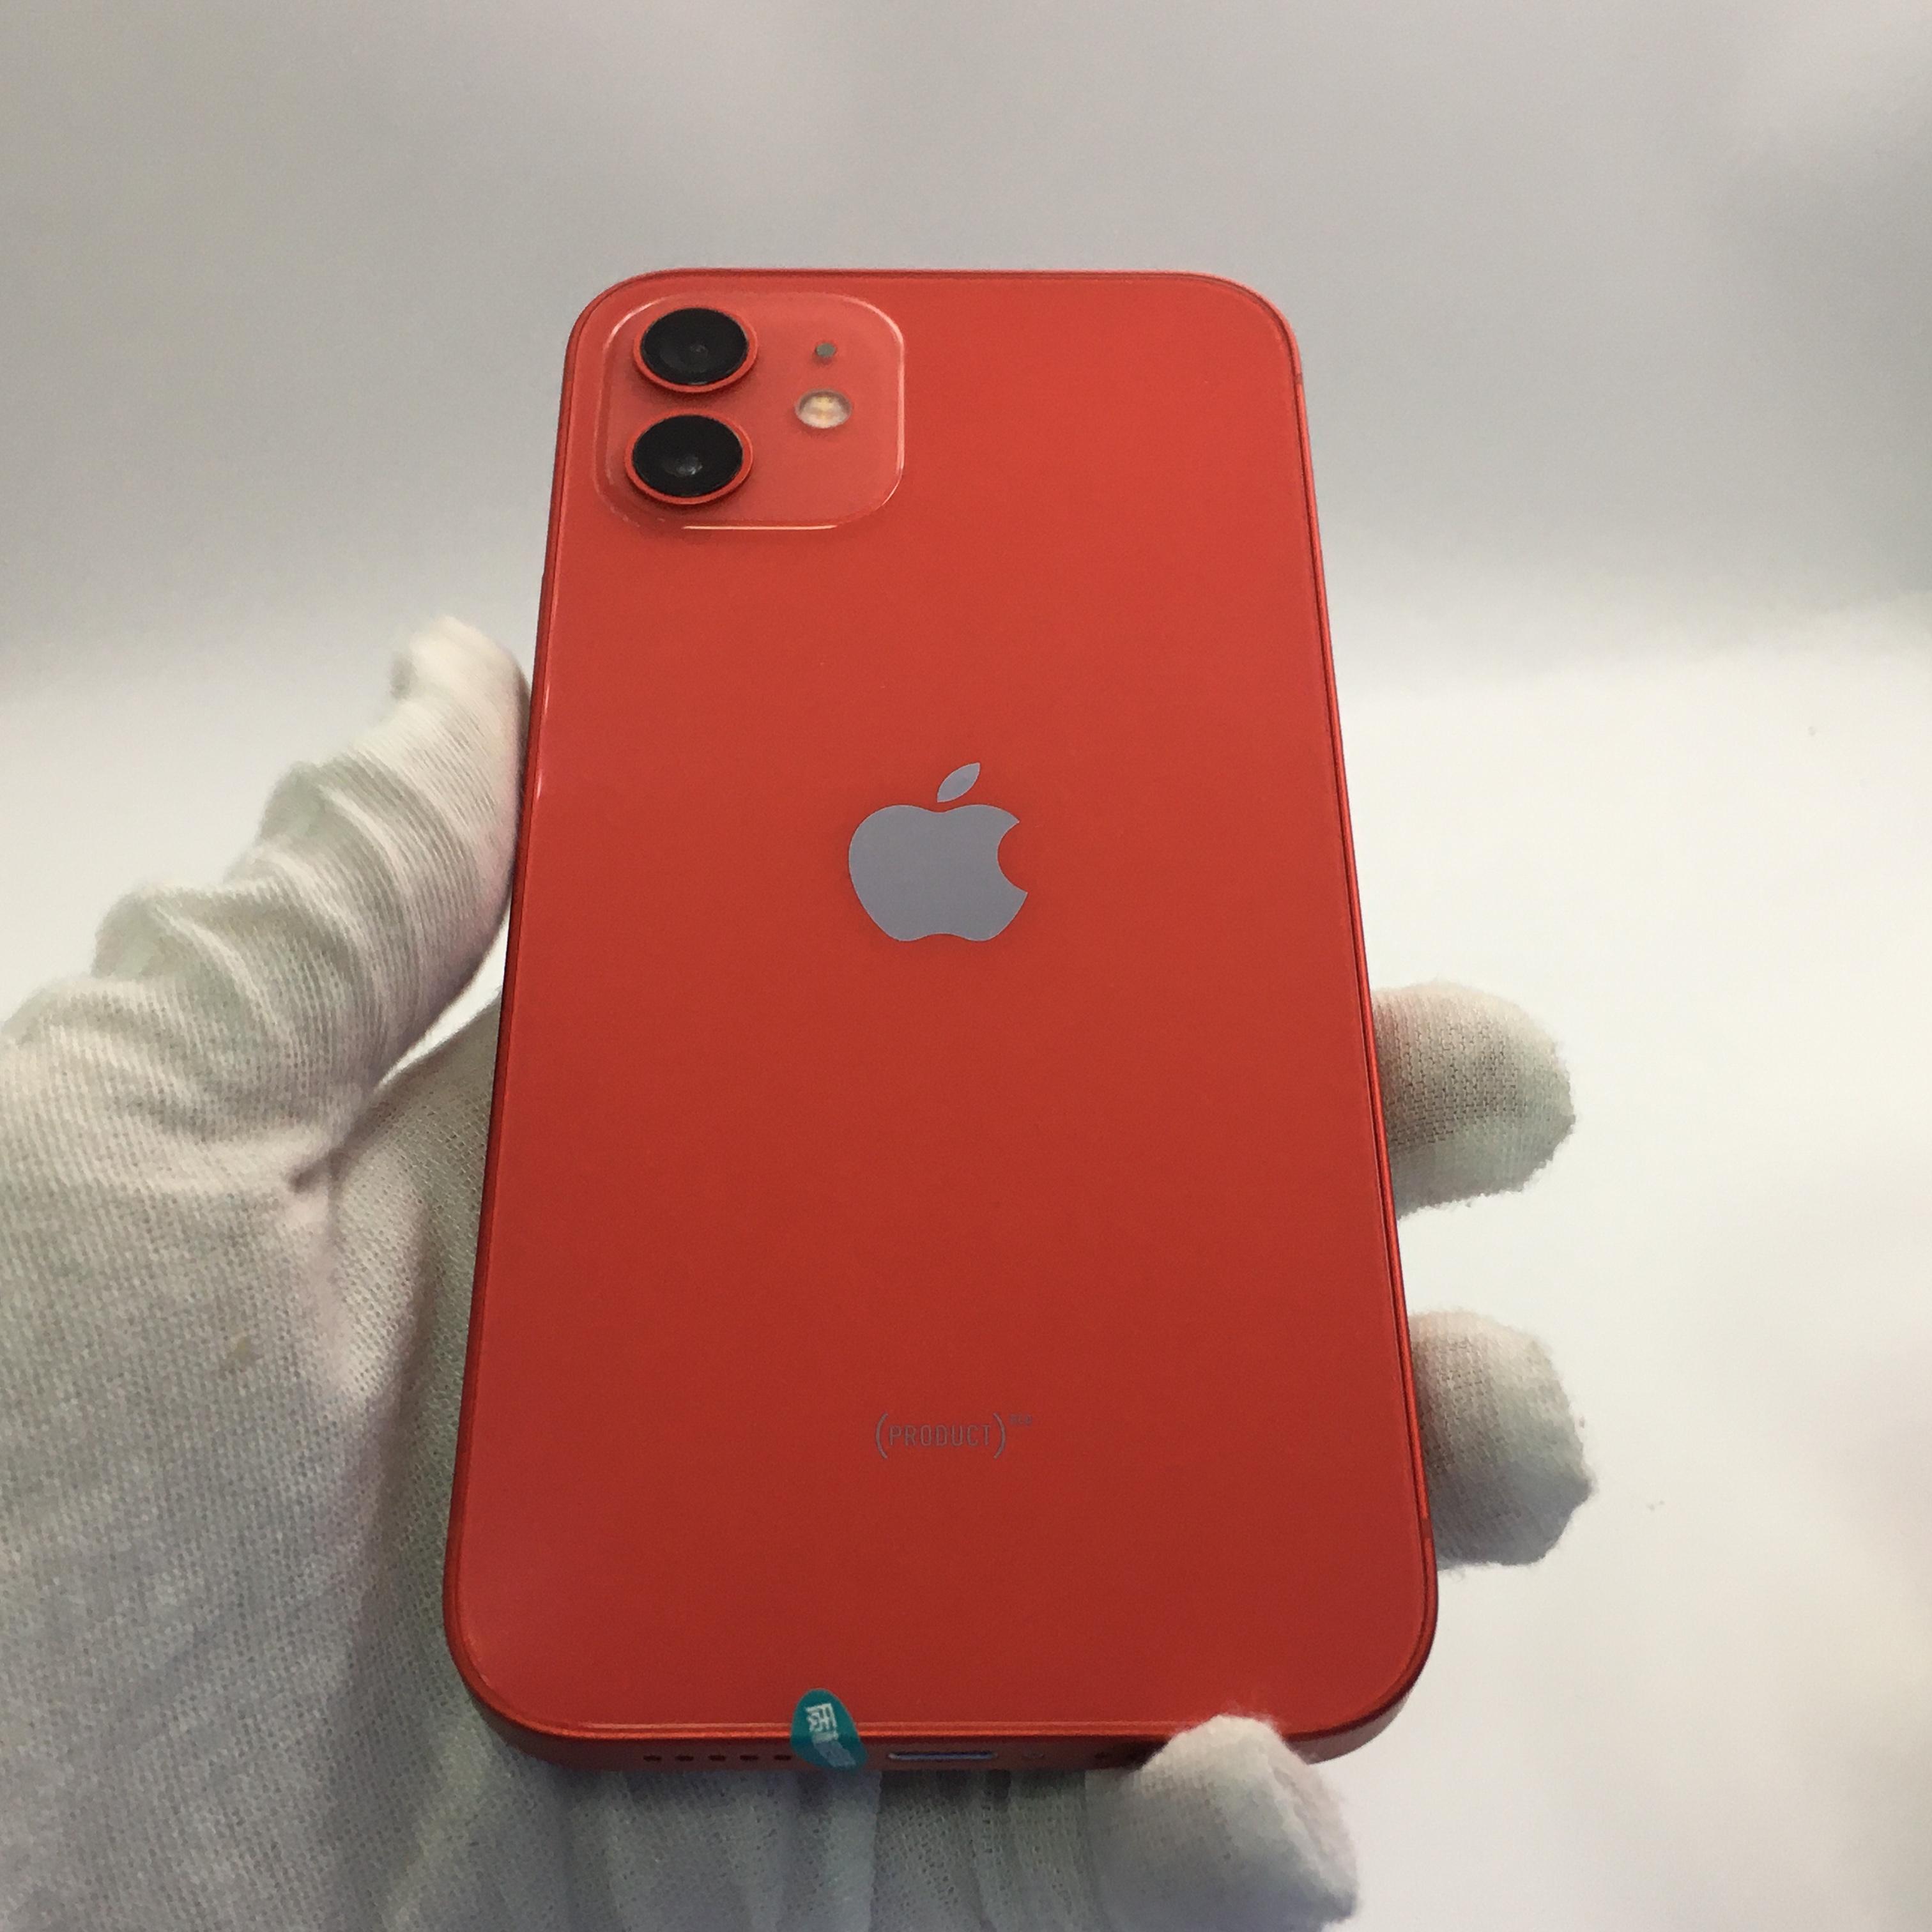 苹果【iPhone 12】5G全网通 红色 128G 国行 99新 128G真机实拍原装数据线